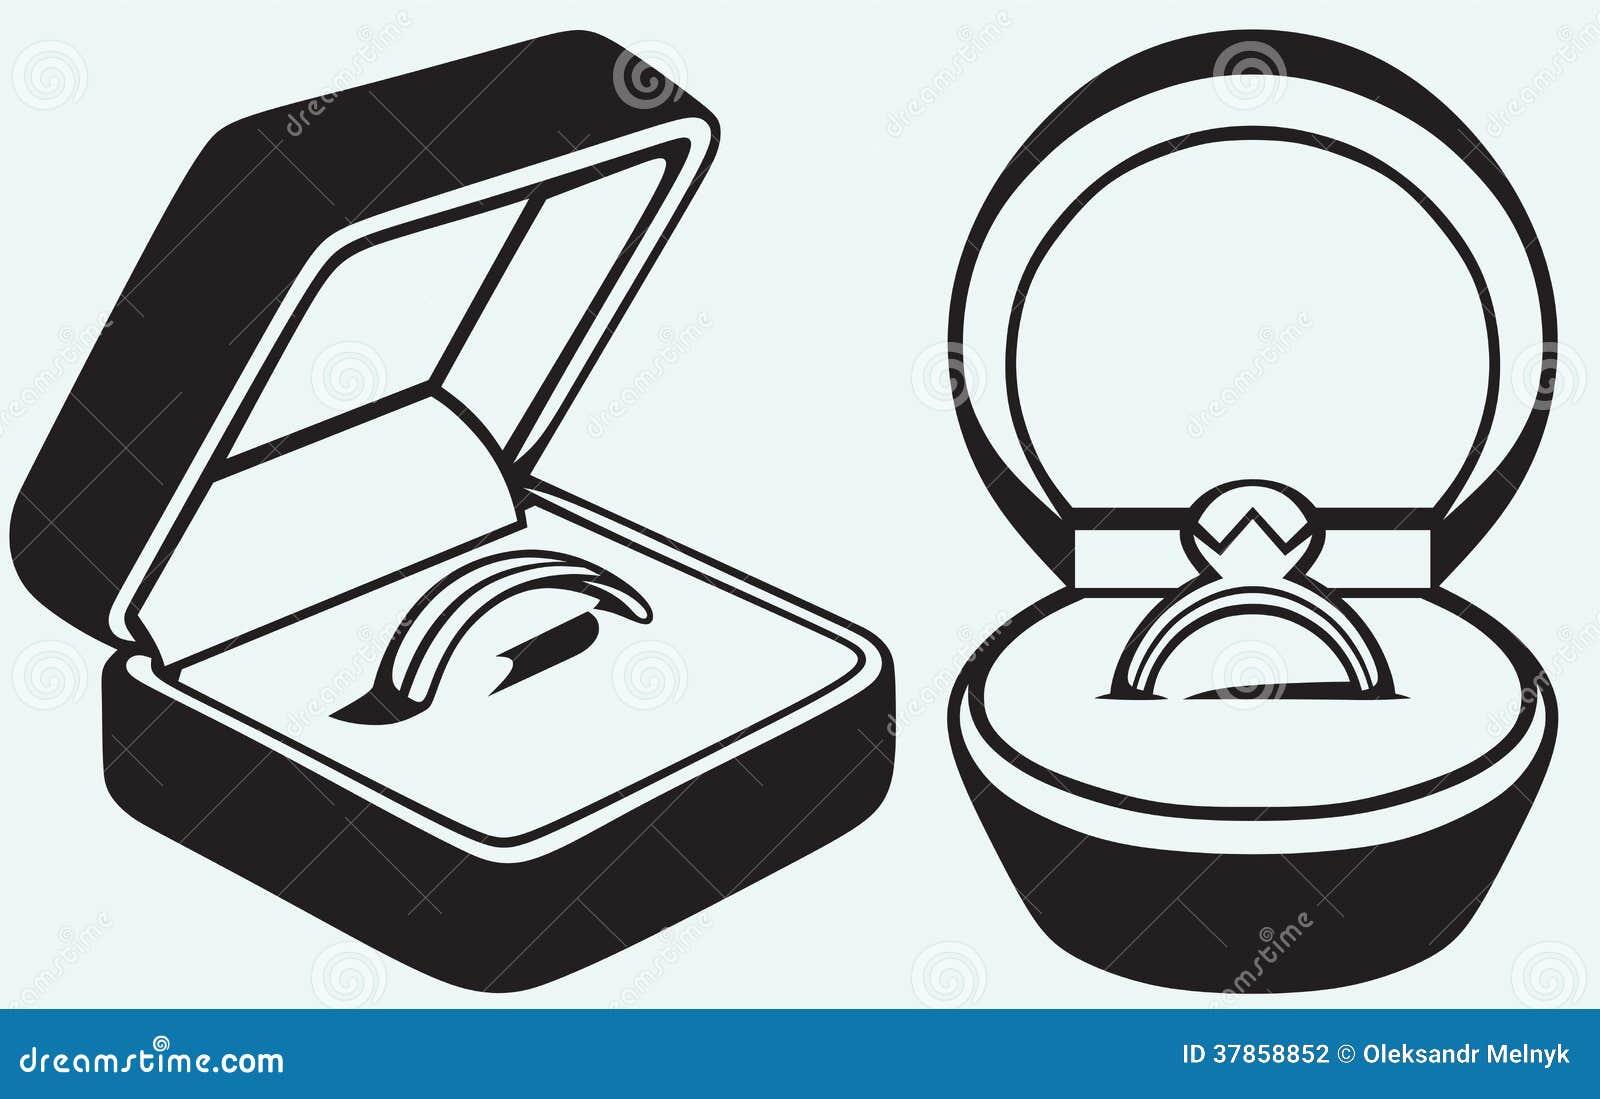 Bague de fiançailles dans la boîte d'isolement sur le fond bleu.